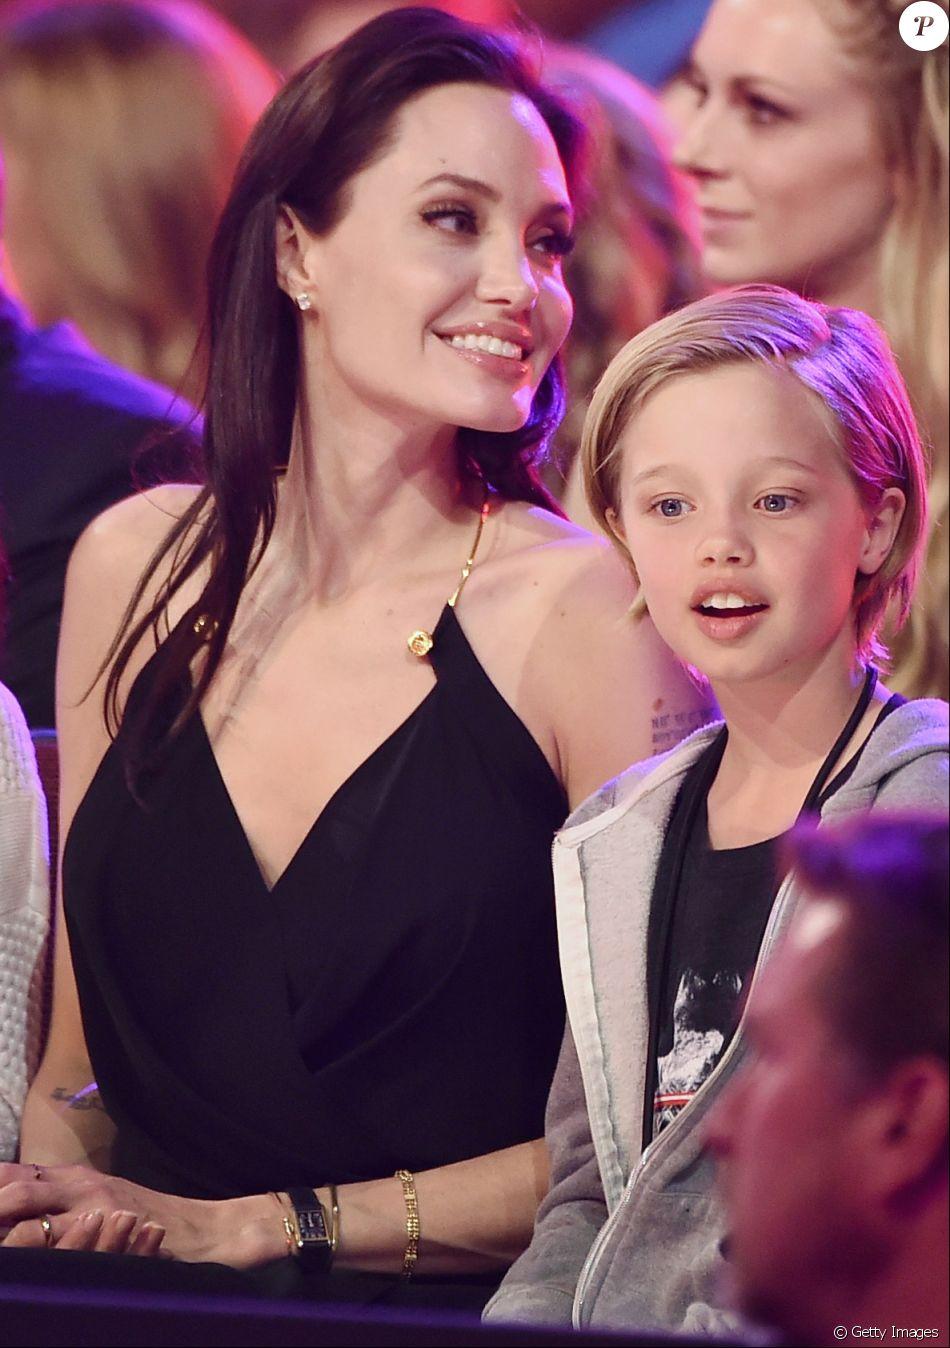 Shiloh, de 11 anos, filha de Angelina Jolie e Brad Pitt, começou o tratamento para mudança de sexo